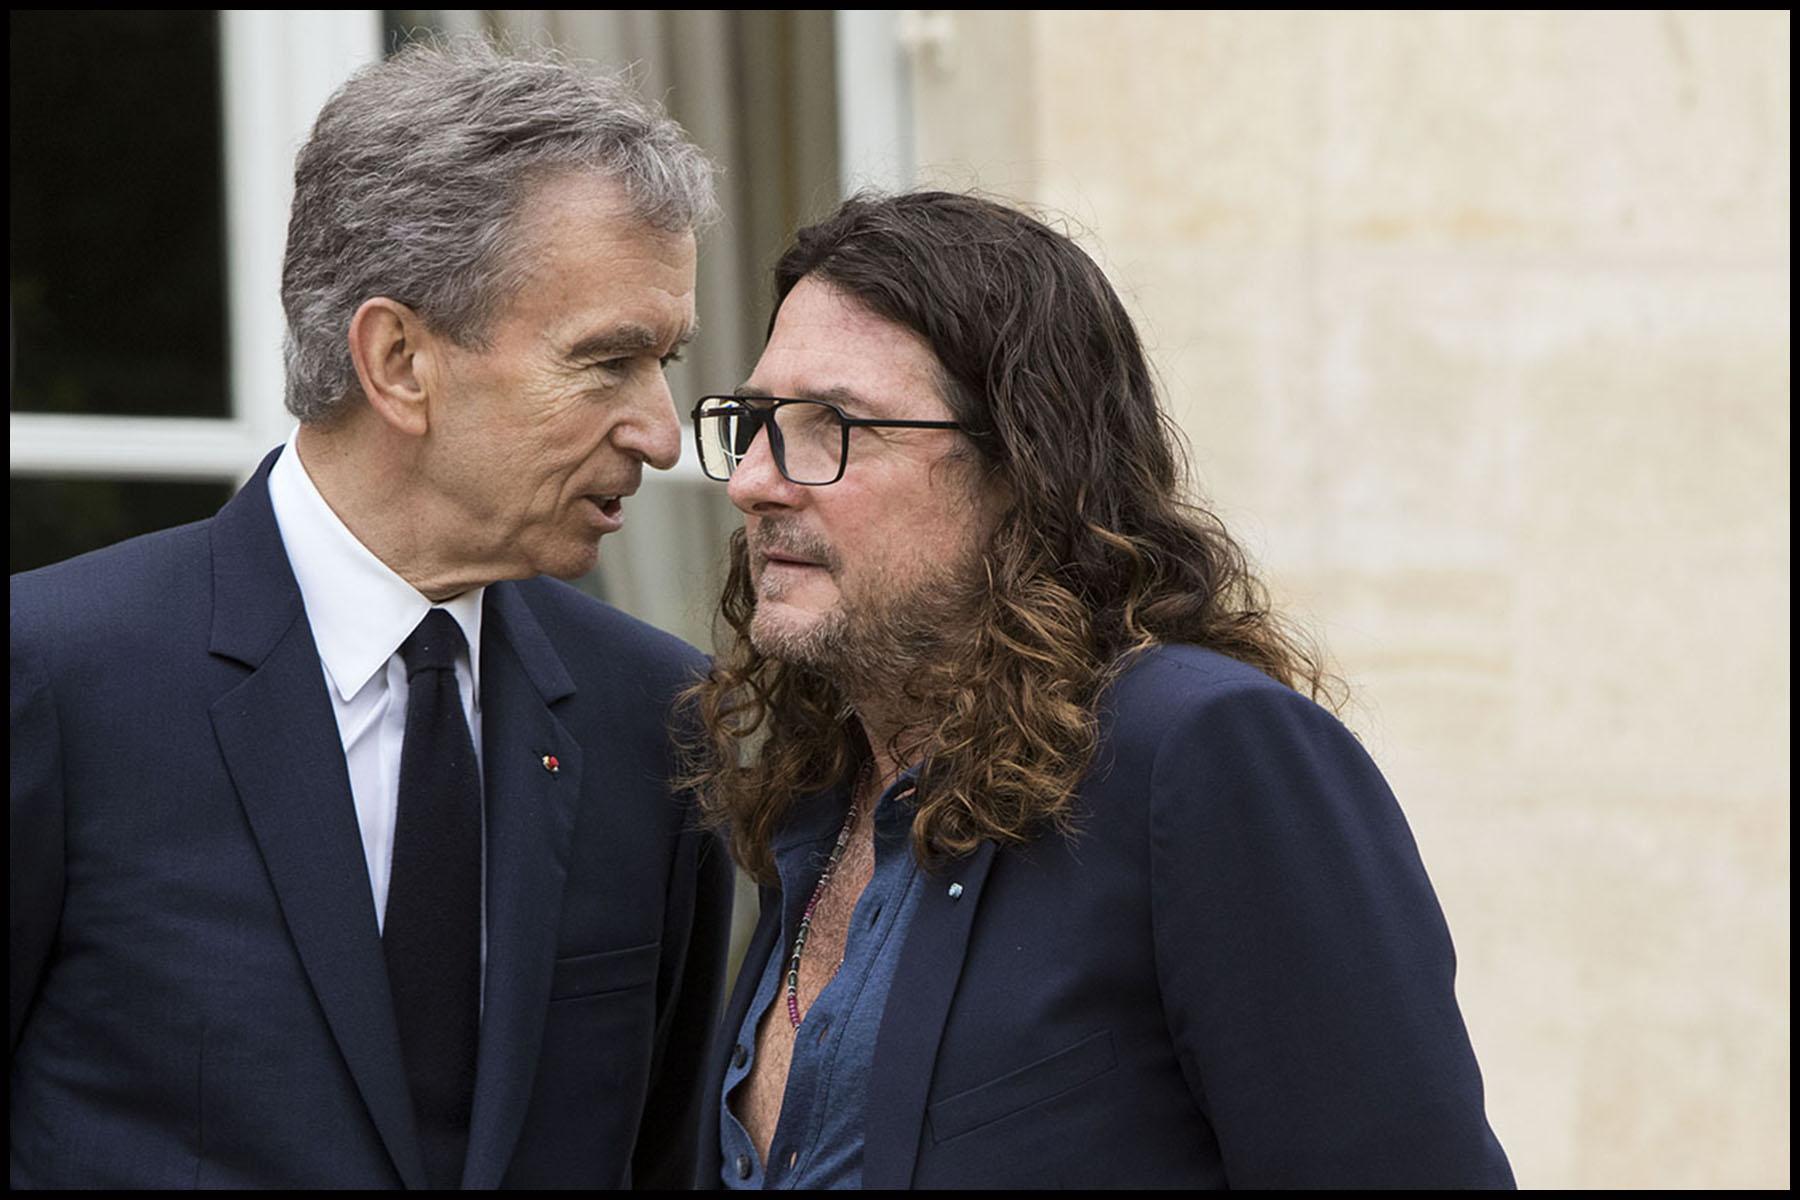 Le Président de la République François HOLLANDE reçoit pour un déjeuner à l'Elysée les patrons des grands groupes industriels ou start-up du numérique présents au salon Viva Technology.